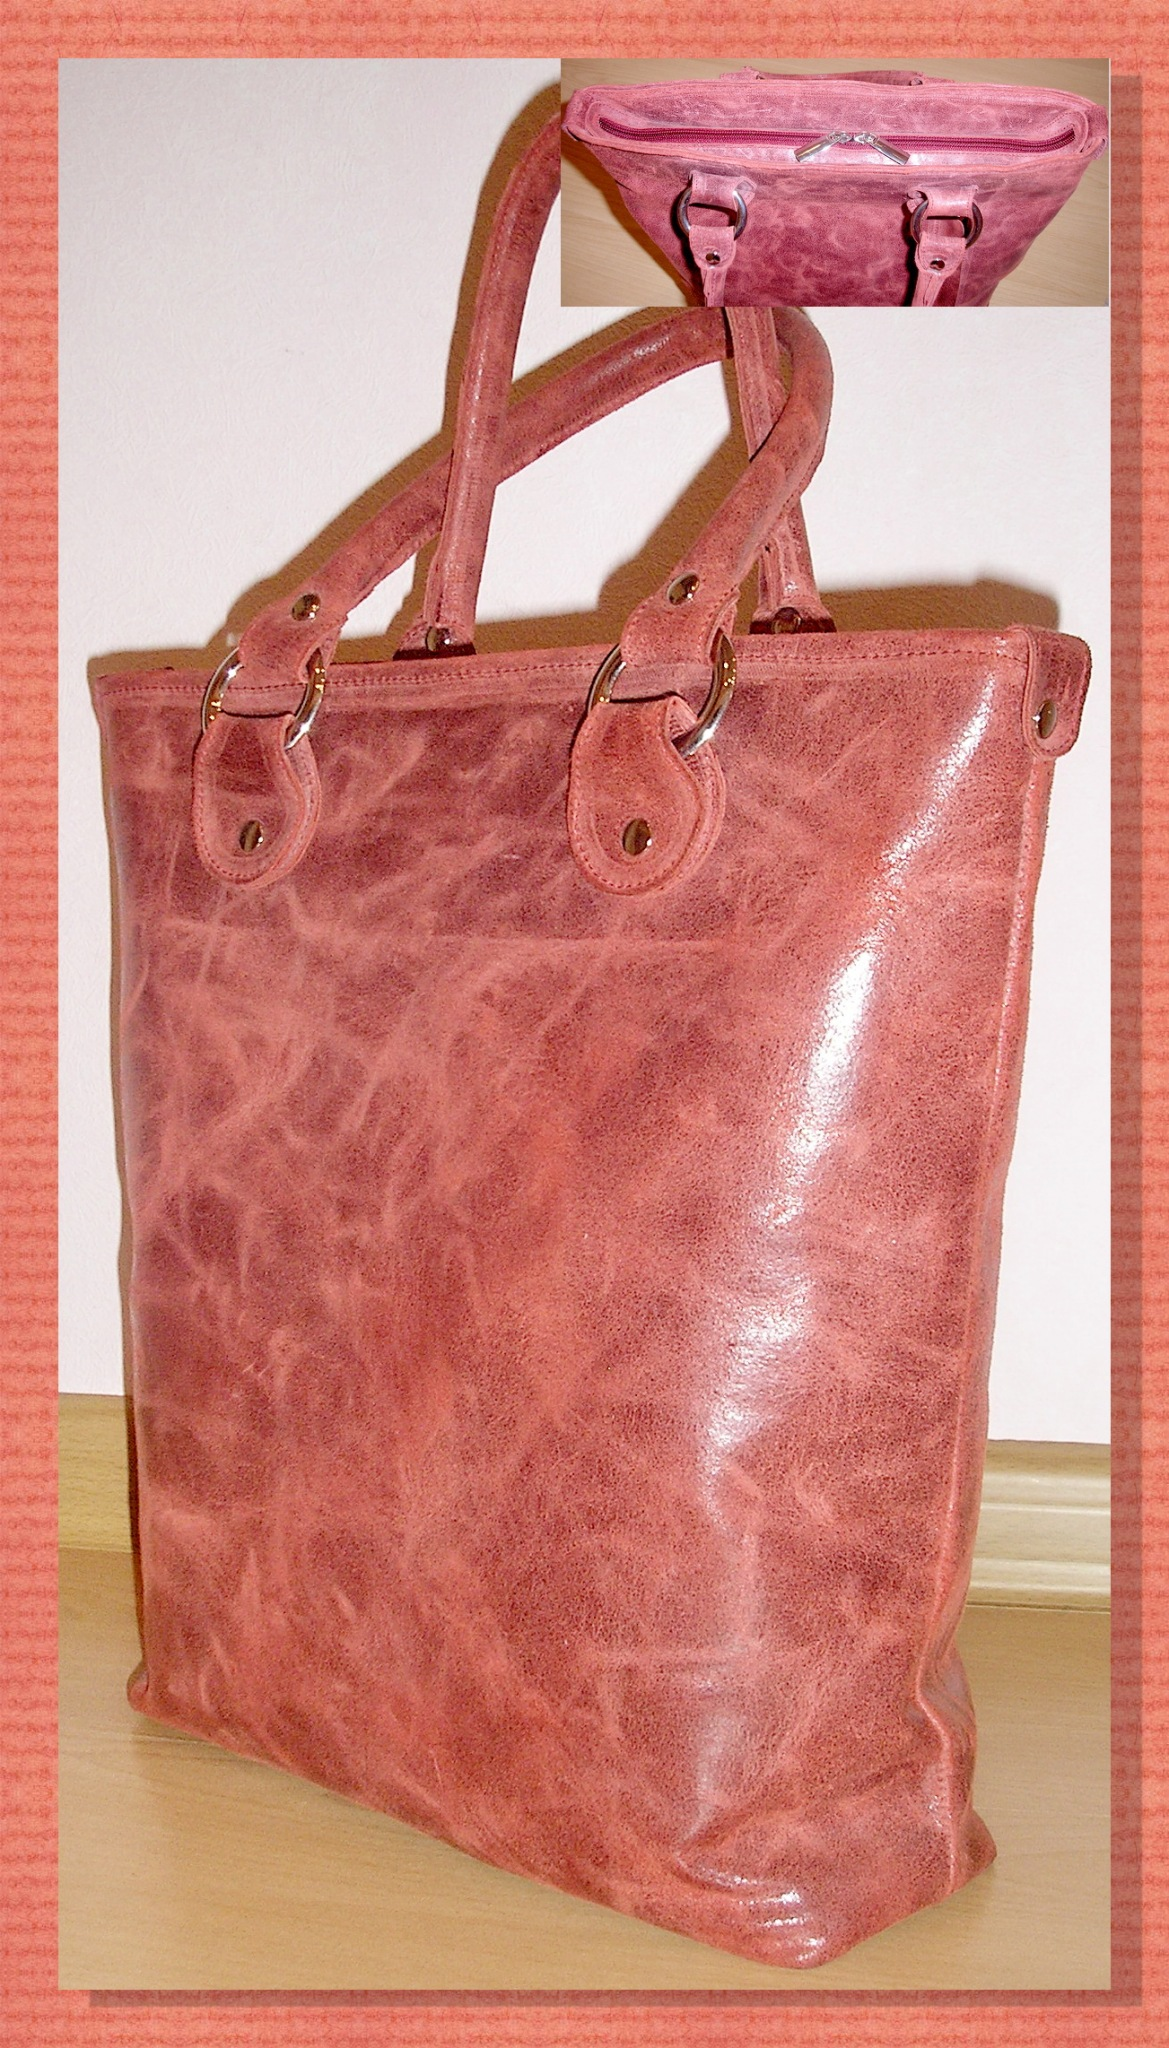 Реставрация сумок своими руками